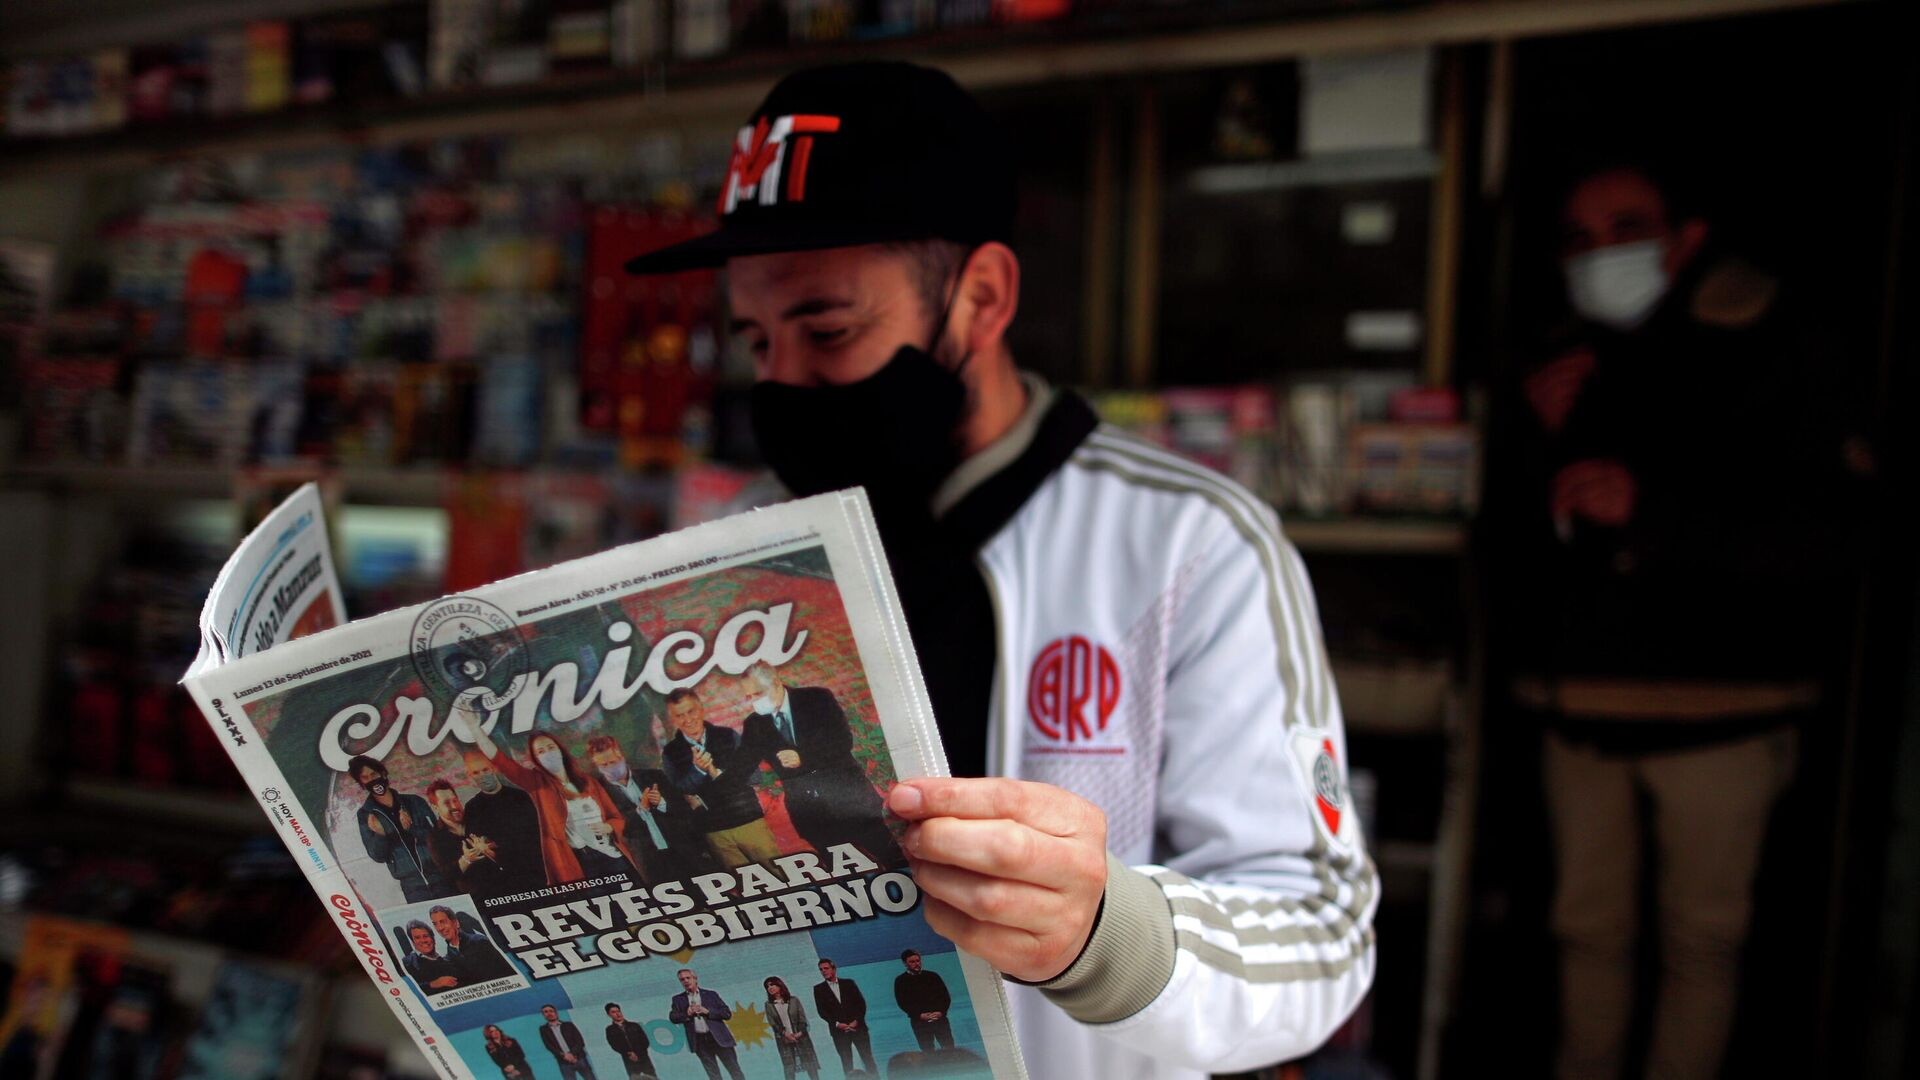 Un hombre lee un periódico con los resultados de las elecciones primarias en Argentina - Sputnik Mundo, 1920, 14.09.2021